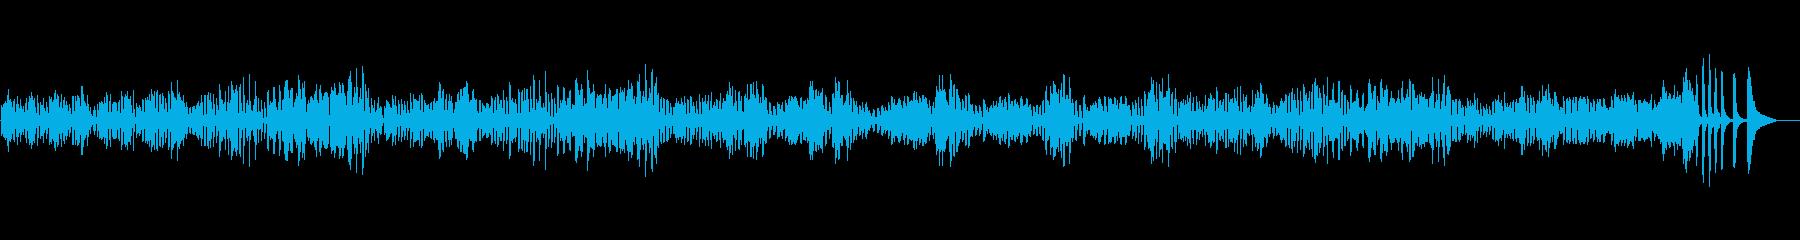 ディアベリのソナチネ(ロンド)の再生済みの波形